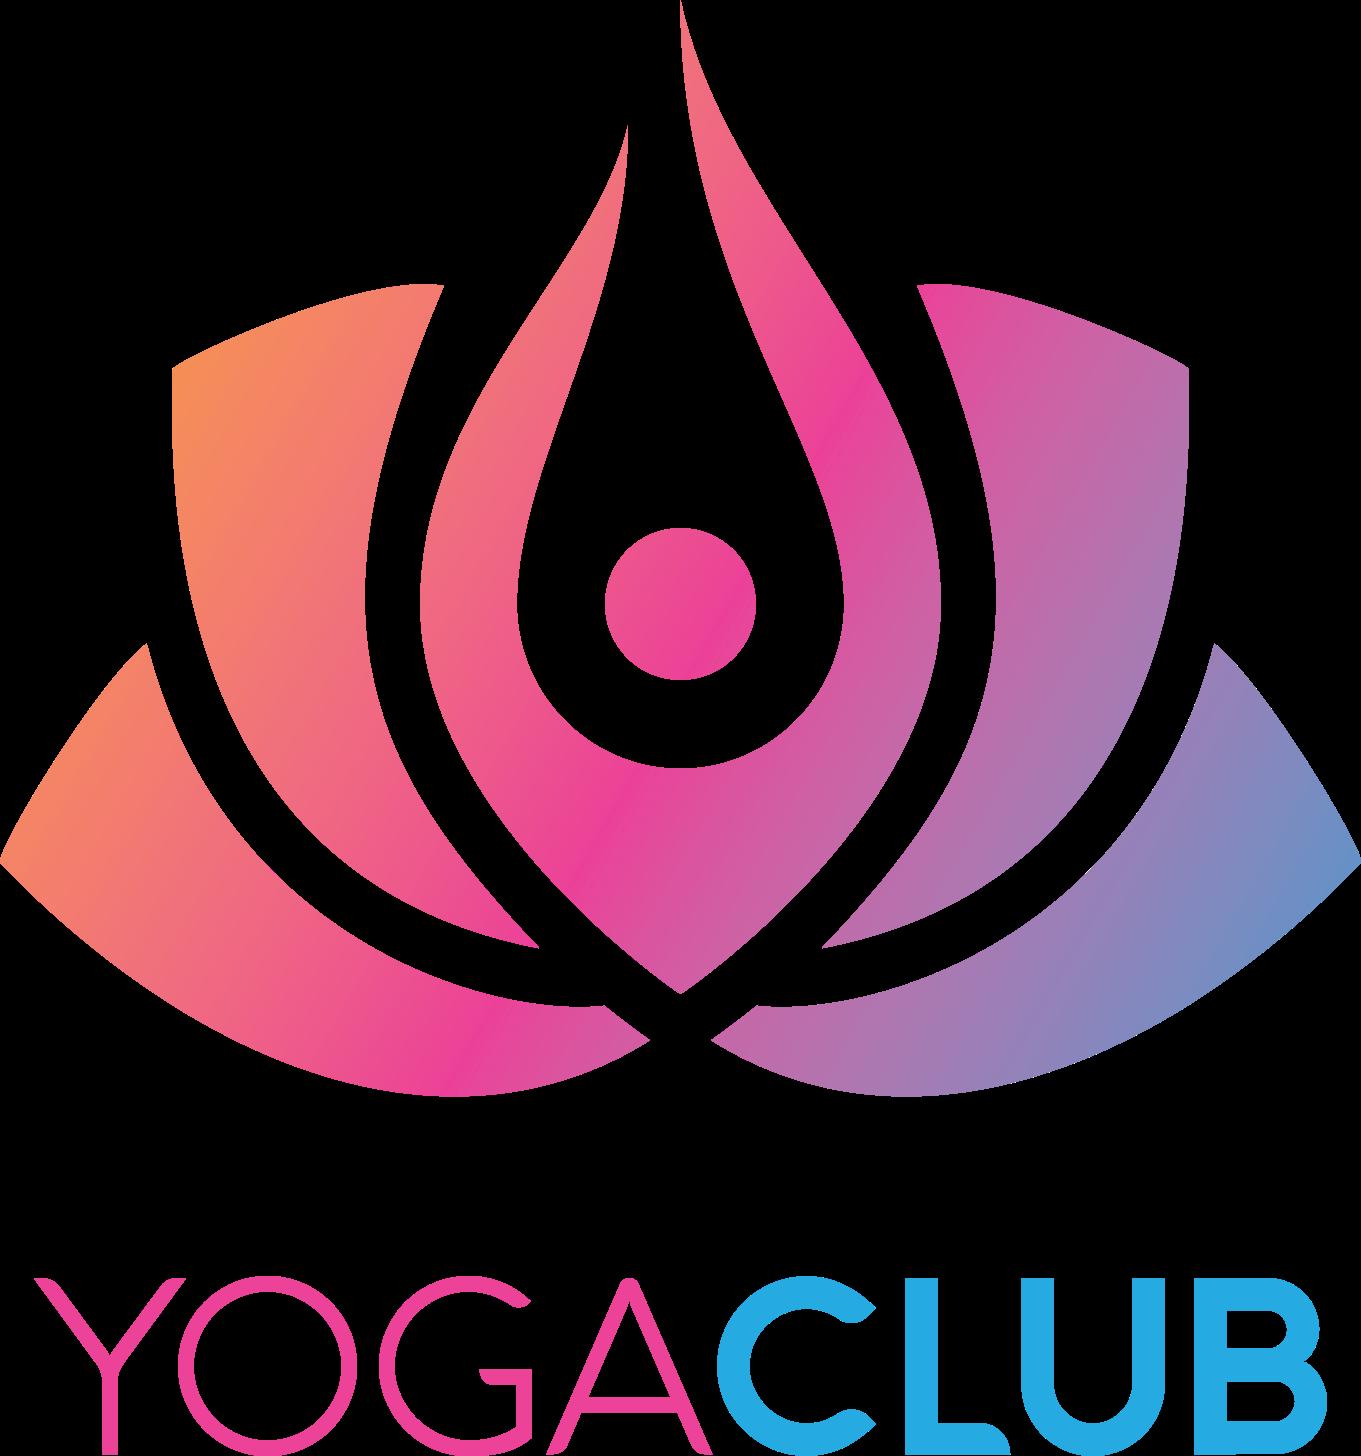 YogaClub logo